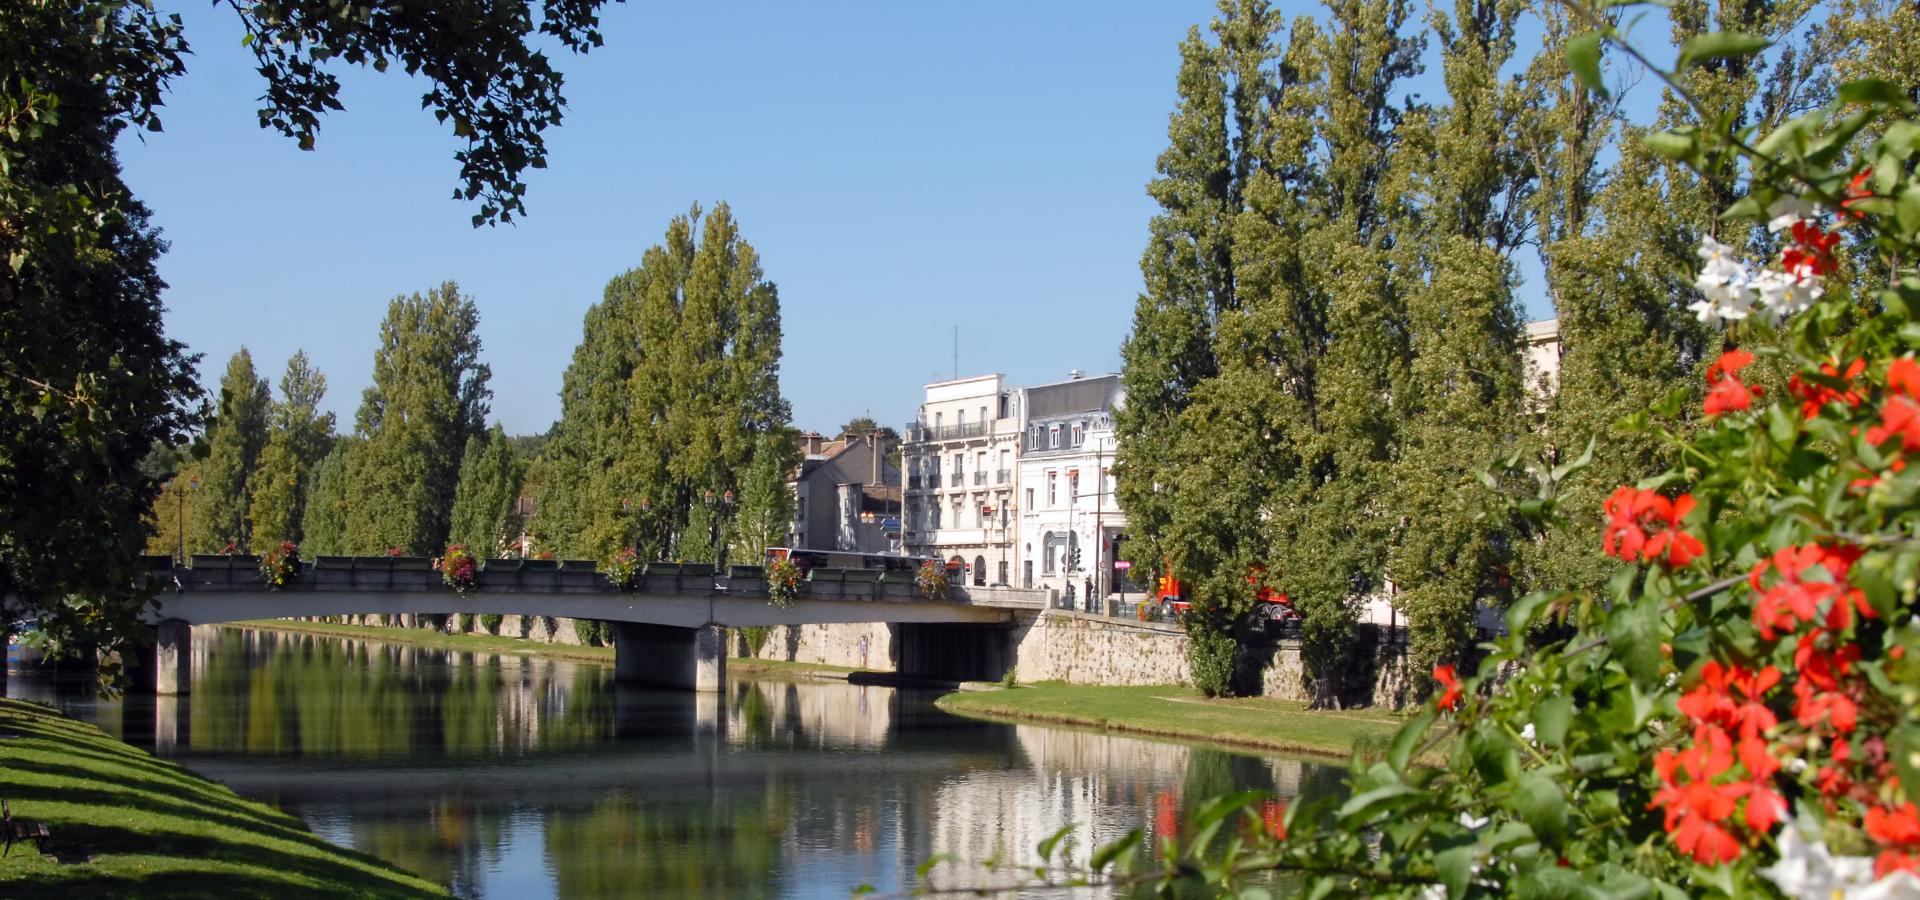 Peer-to-peer advisory in Chailly-en-Bière, Seine-et-Marne Département, Île-de-France, France